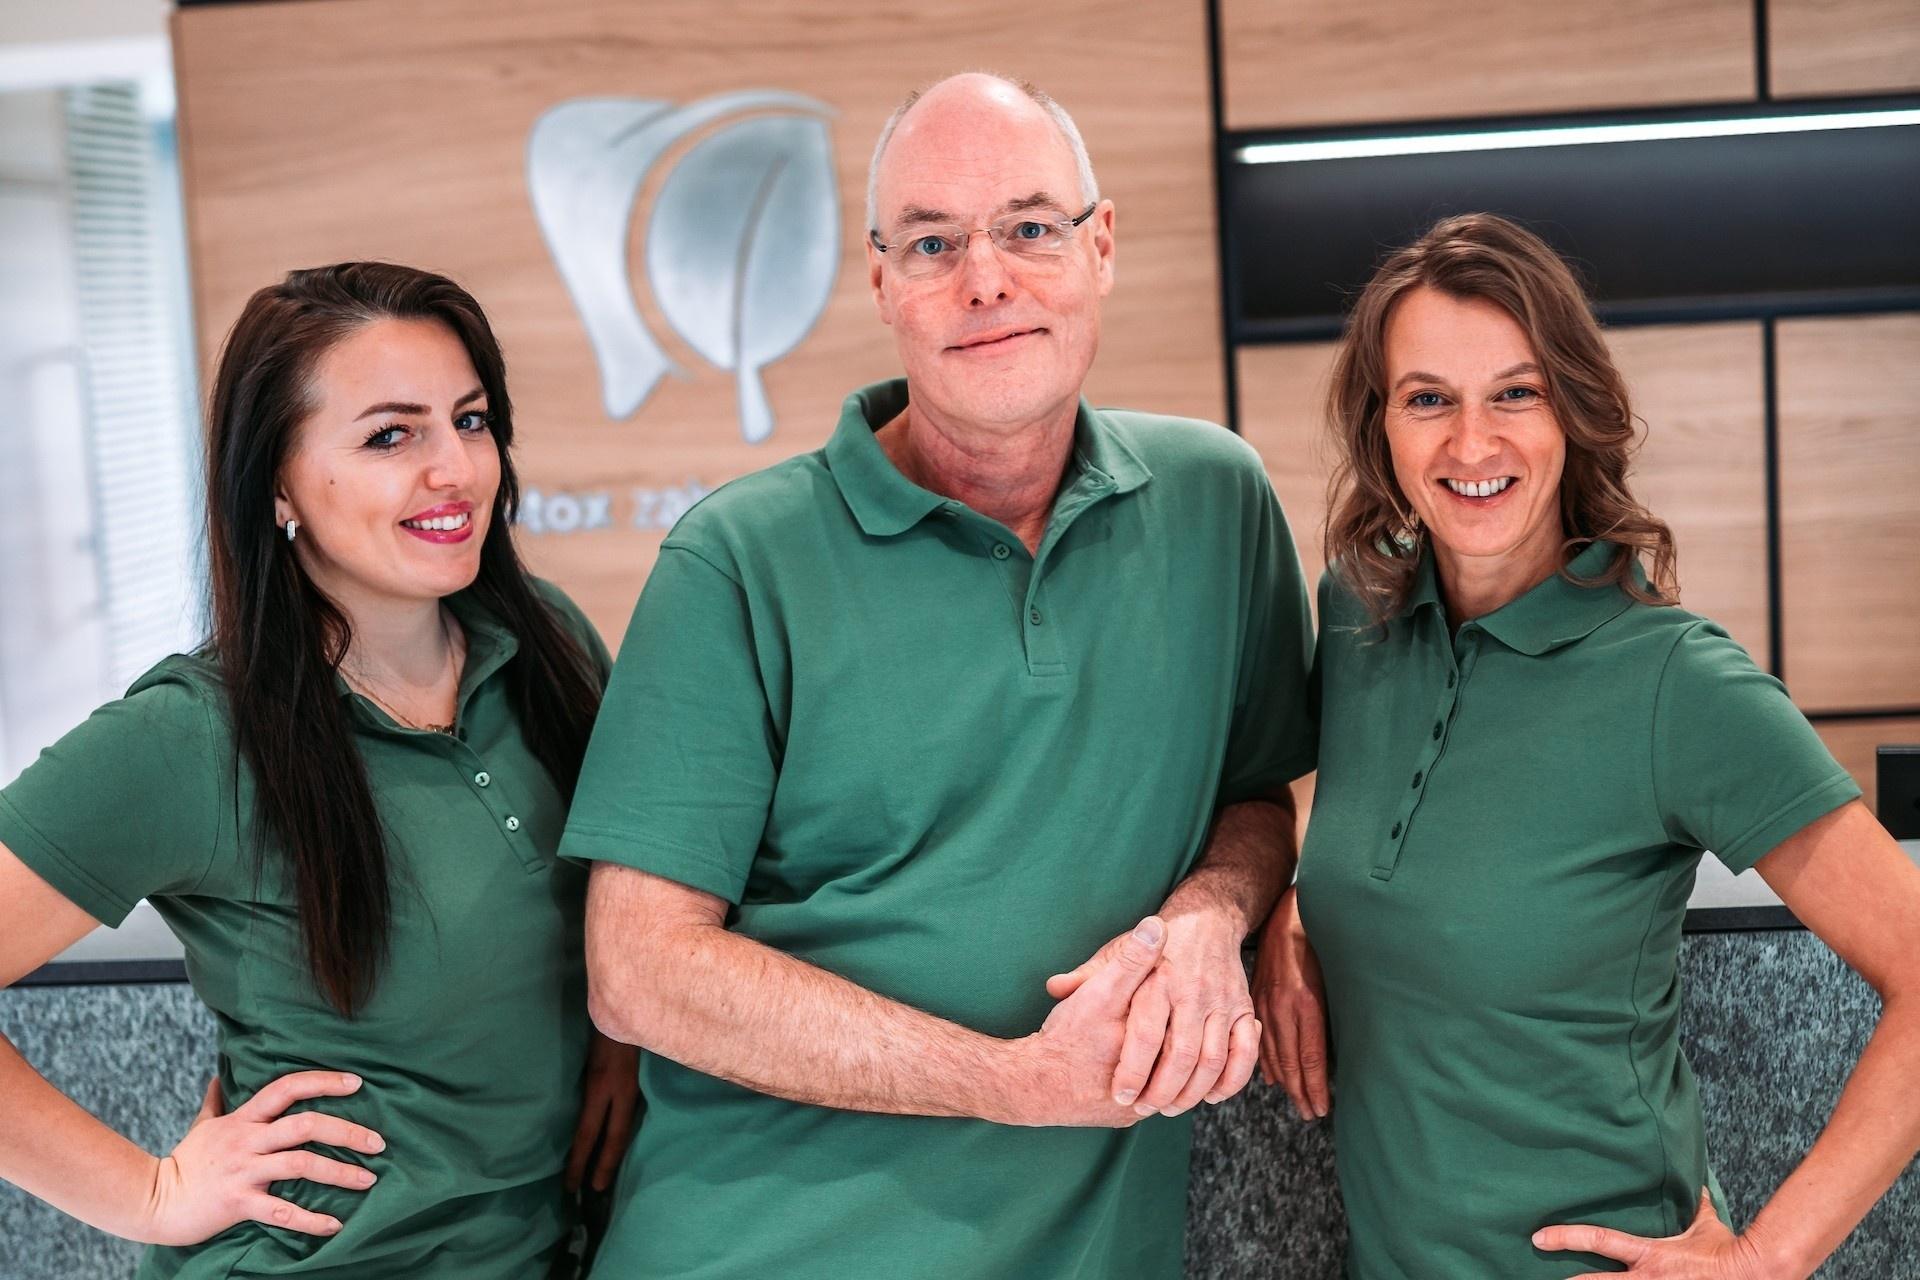 Spezialisten für Biologische Zahnmedizin Dr. Hans-Ulrich Prein, Katrin Lechl, Dr. Tanja Popovic im D-tox Zahnzentrum in Rosenheim